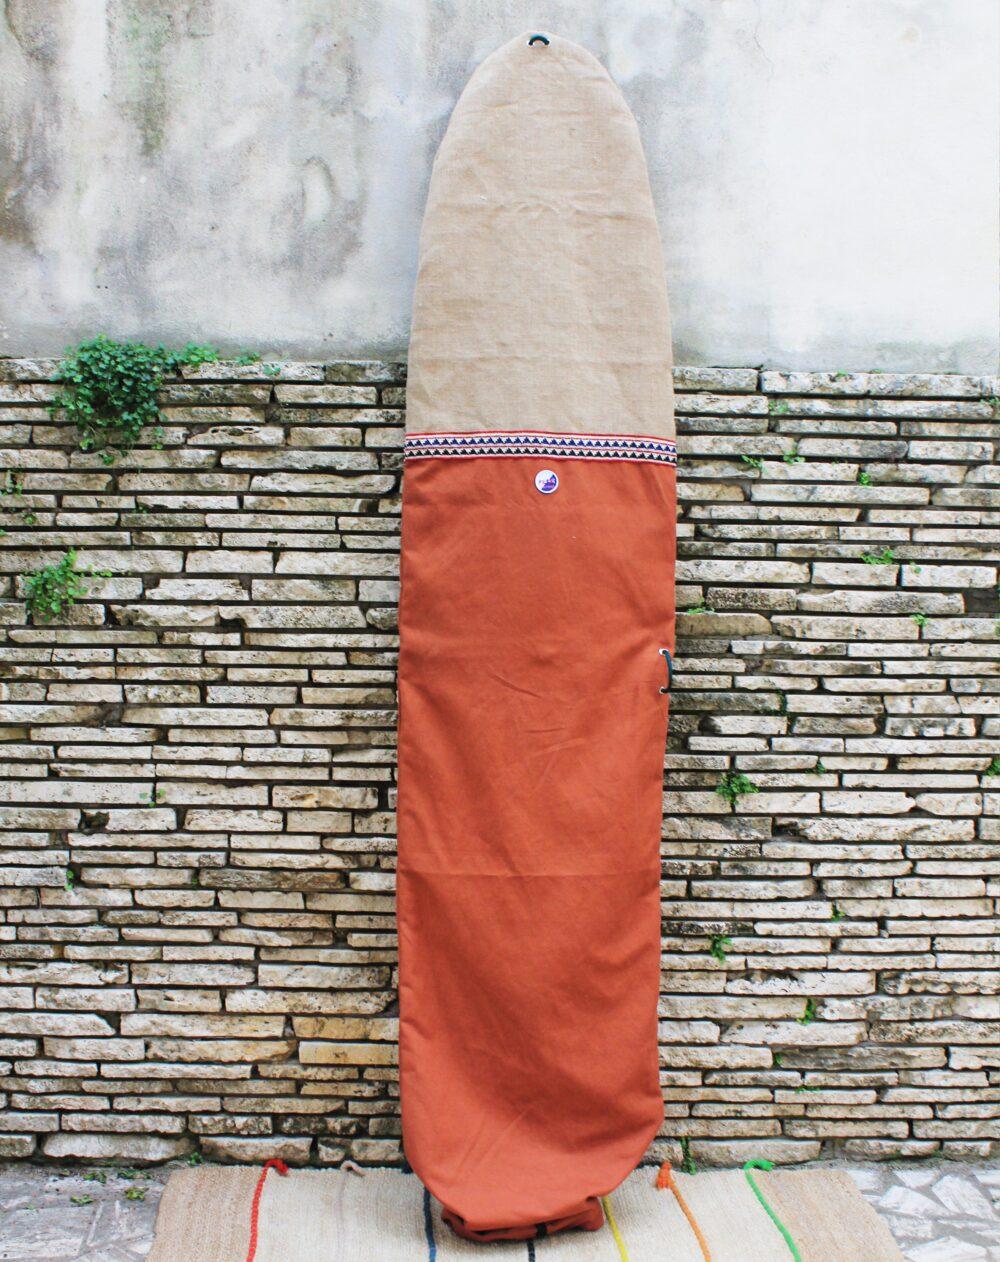 Sacca da surf longboard color ruggine in tela di cotone e canapa italiana. Surfboard bag made in Italy with cotton and hemp canvas.